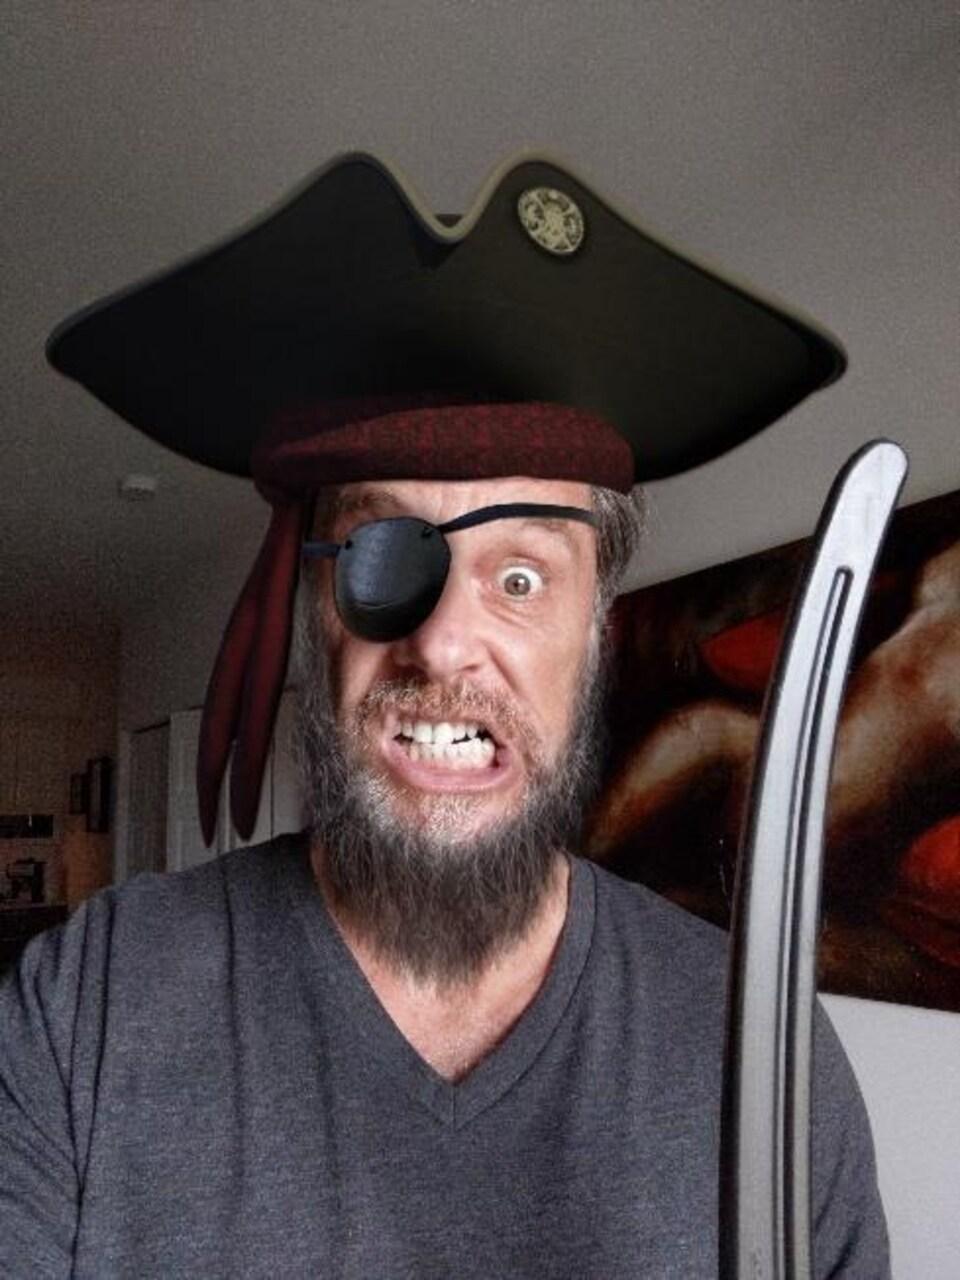 Le 19 septembre, c'est la Journée internationale du Parler Pirate! On démystifie ce langage avec Sacha Laliberté